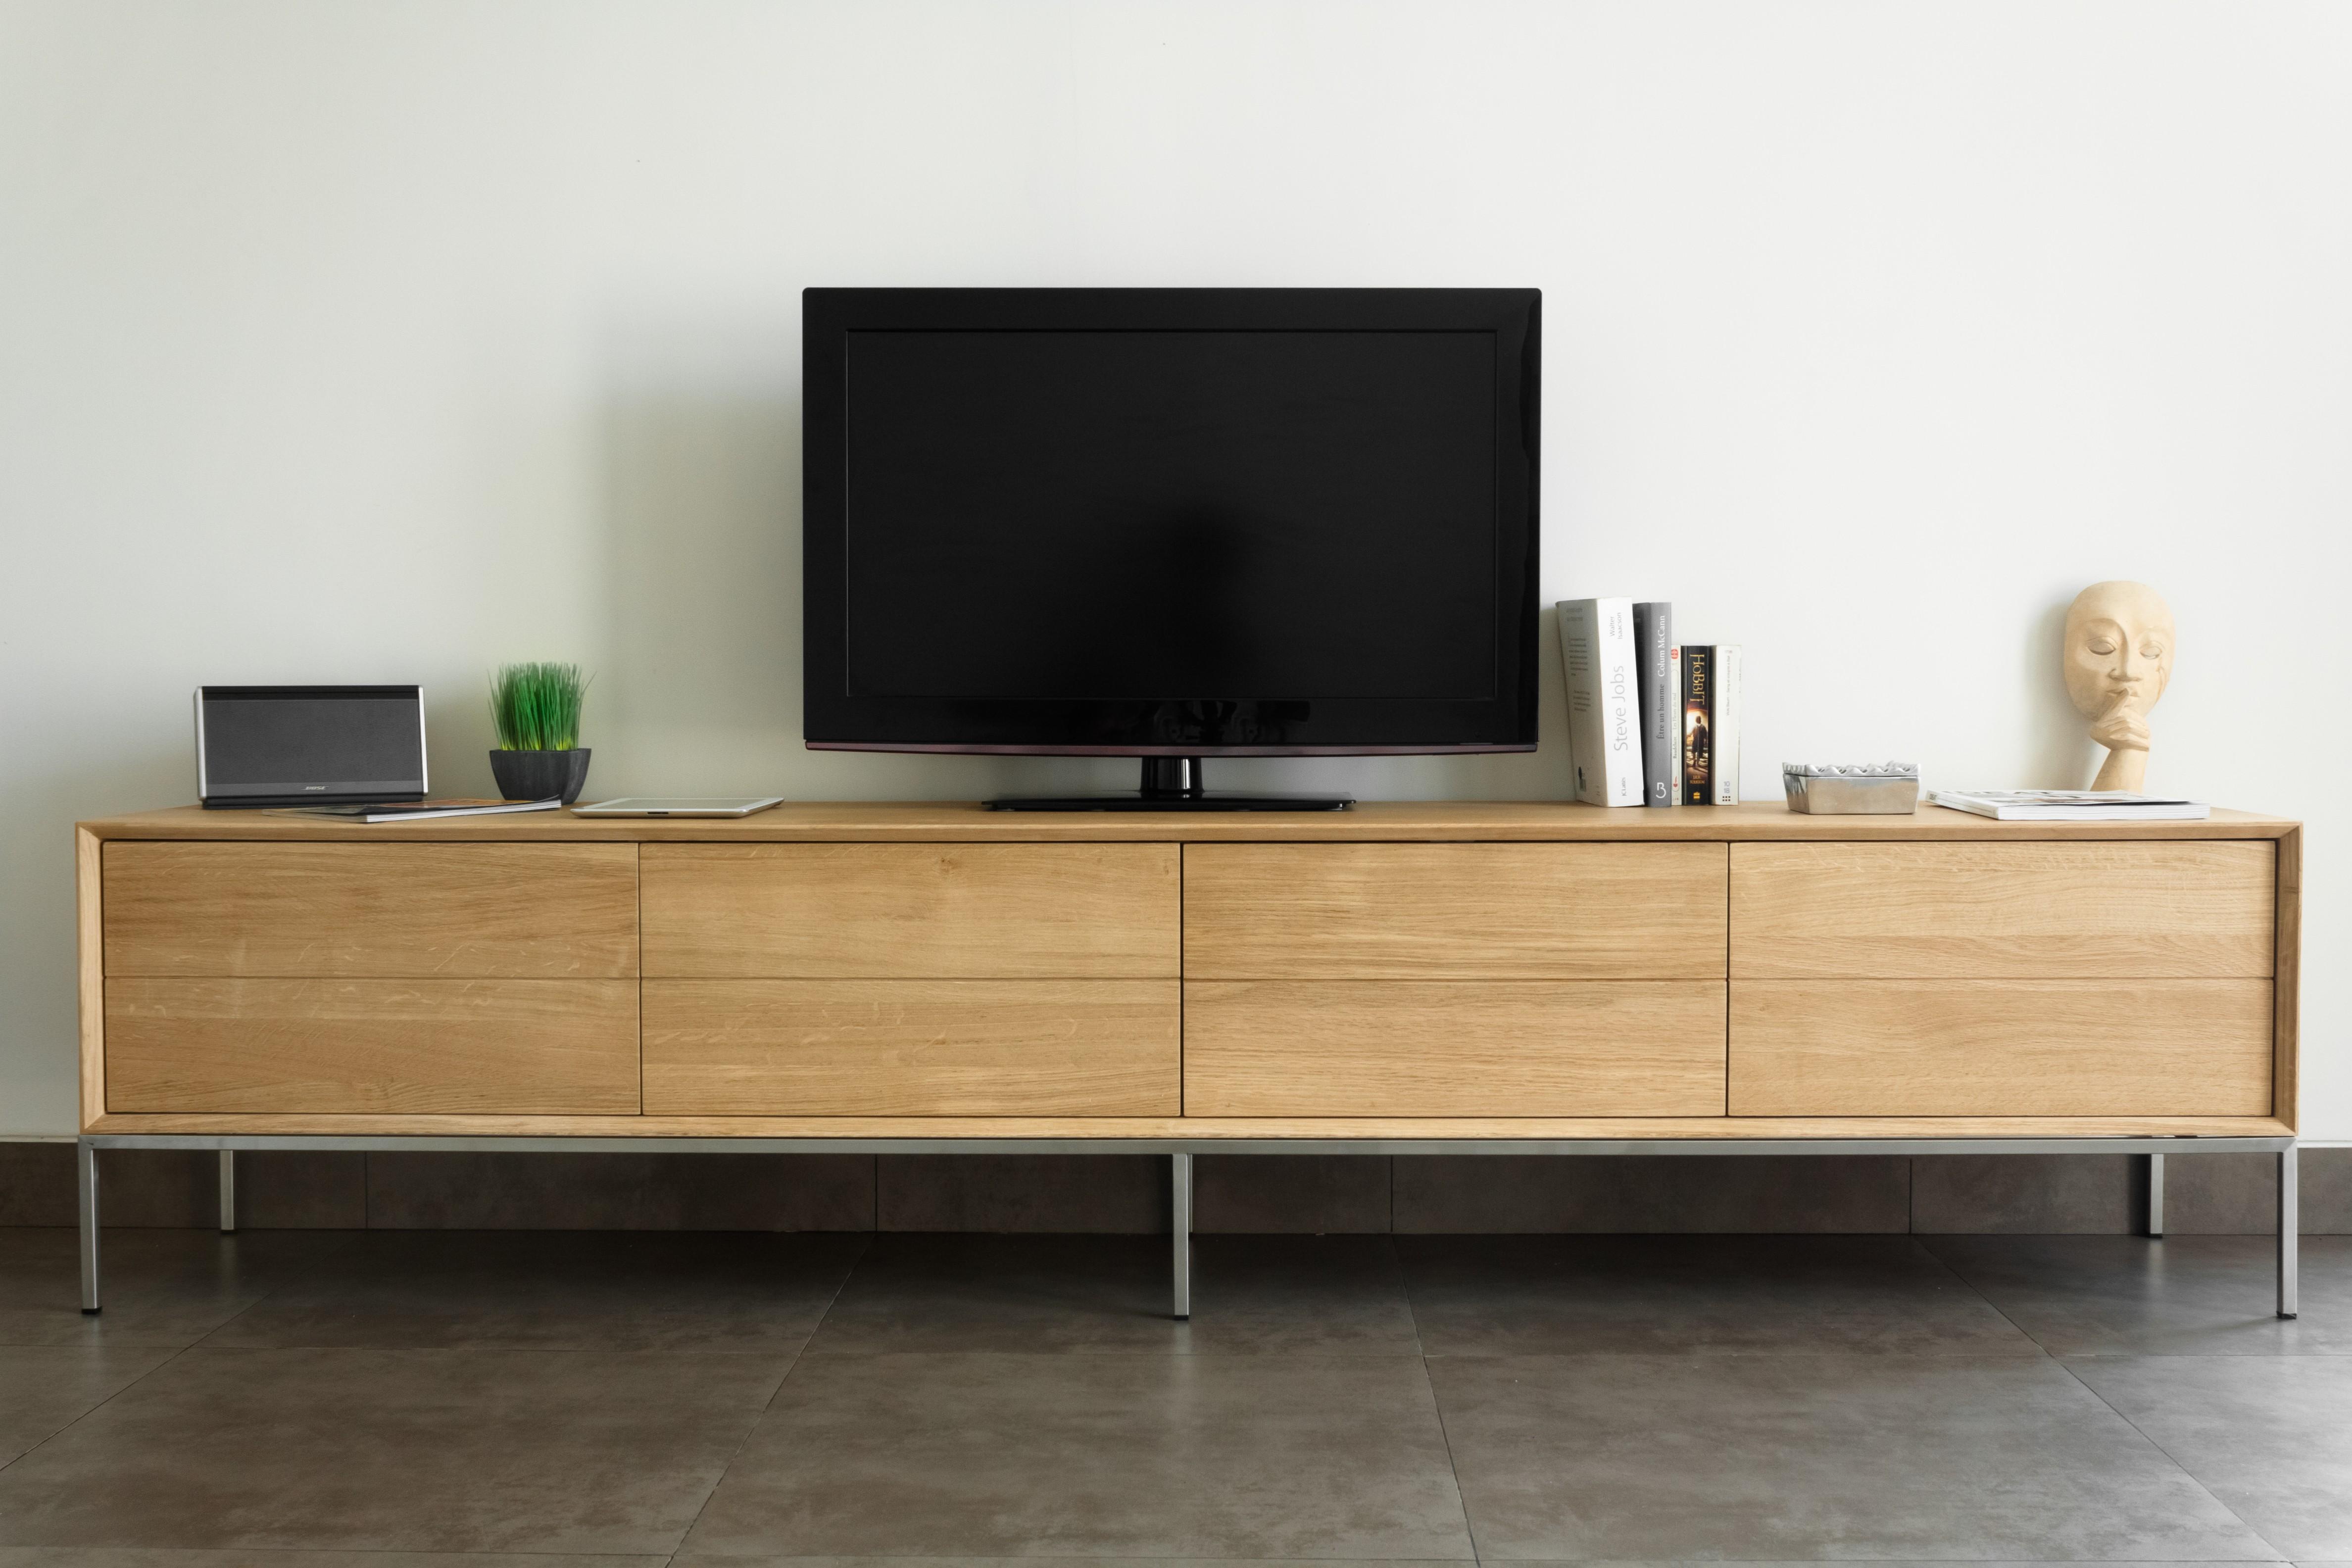 Meuble tv massif mobilier design d coration d 39 int rieur for Meuble interieur design